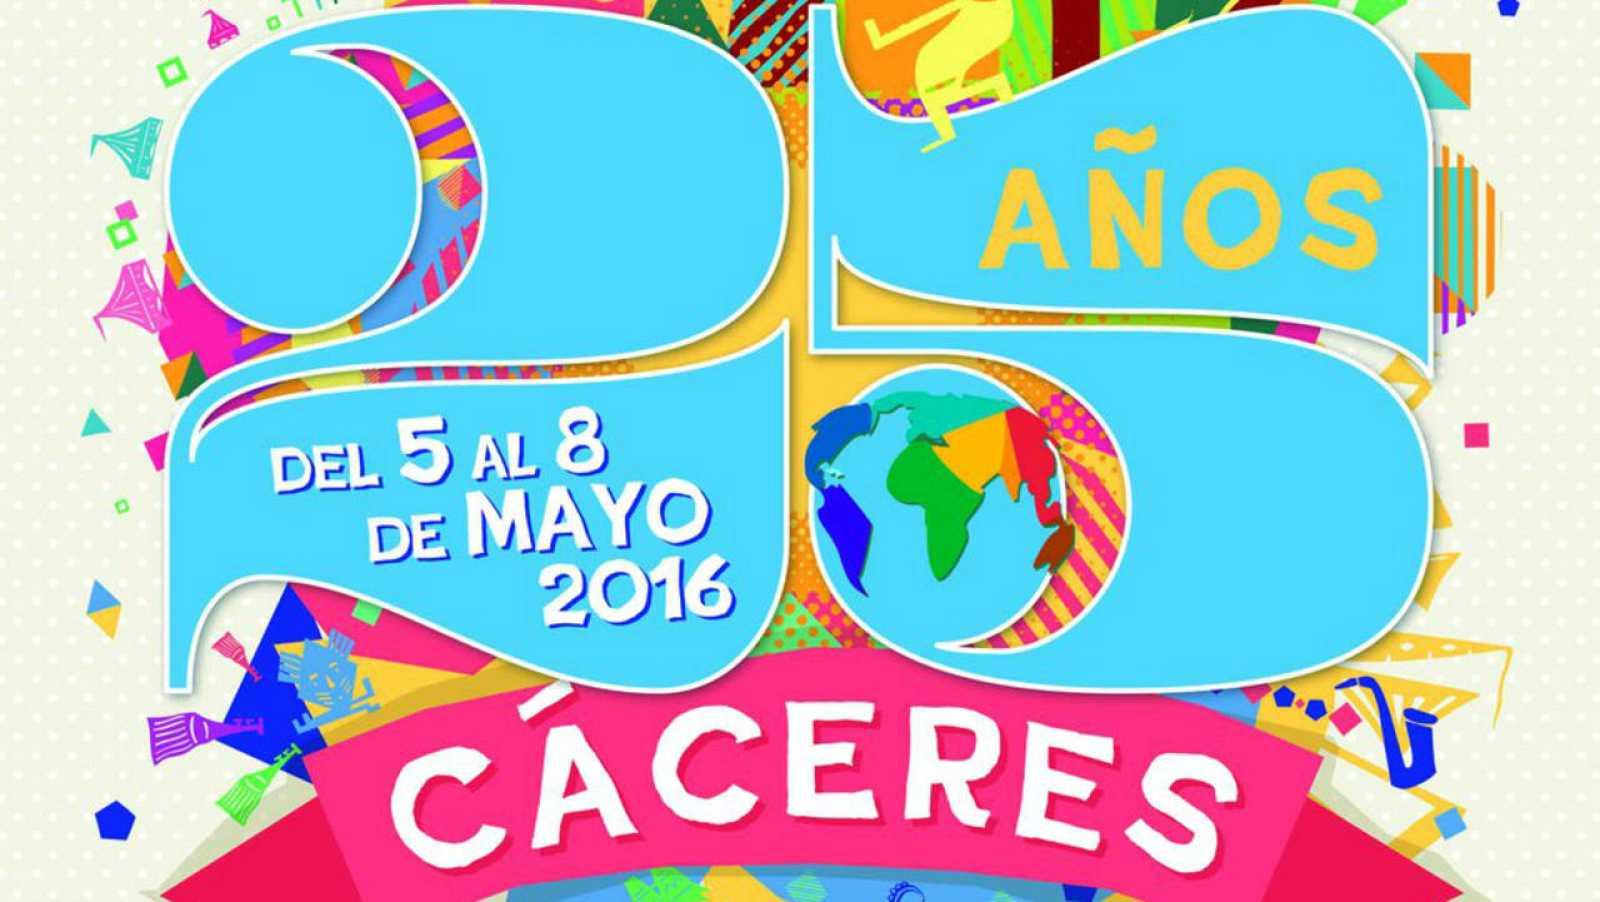 Este domingo celebramos 25 años de Womad Cáceres